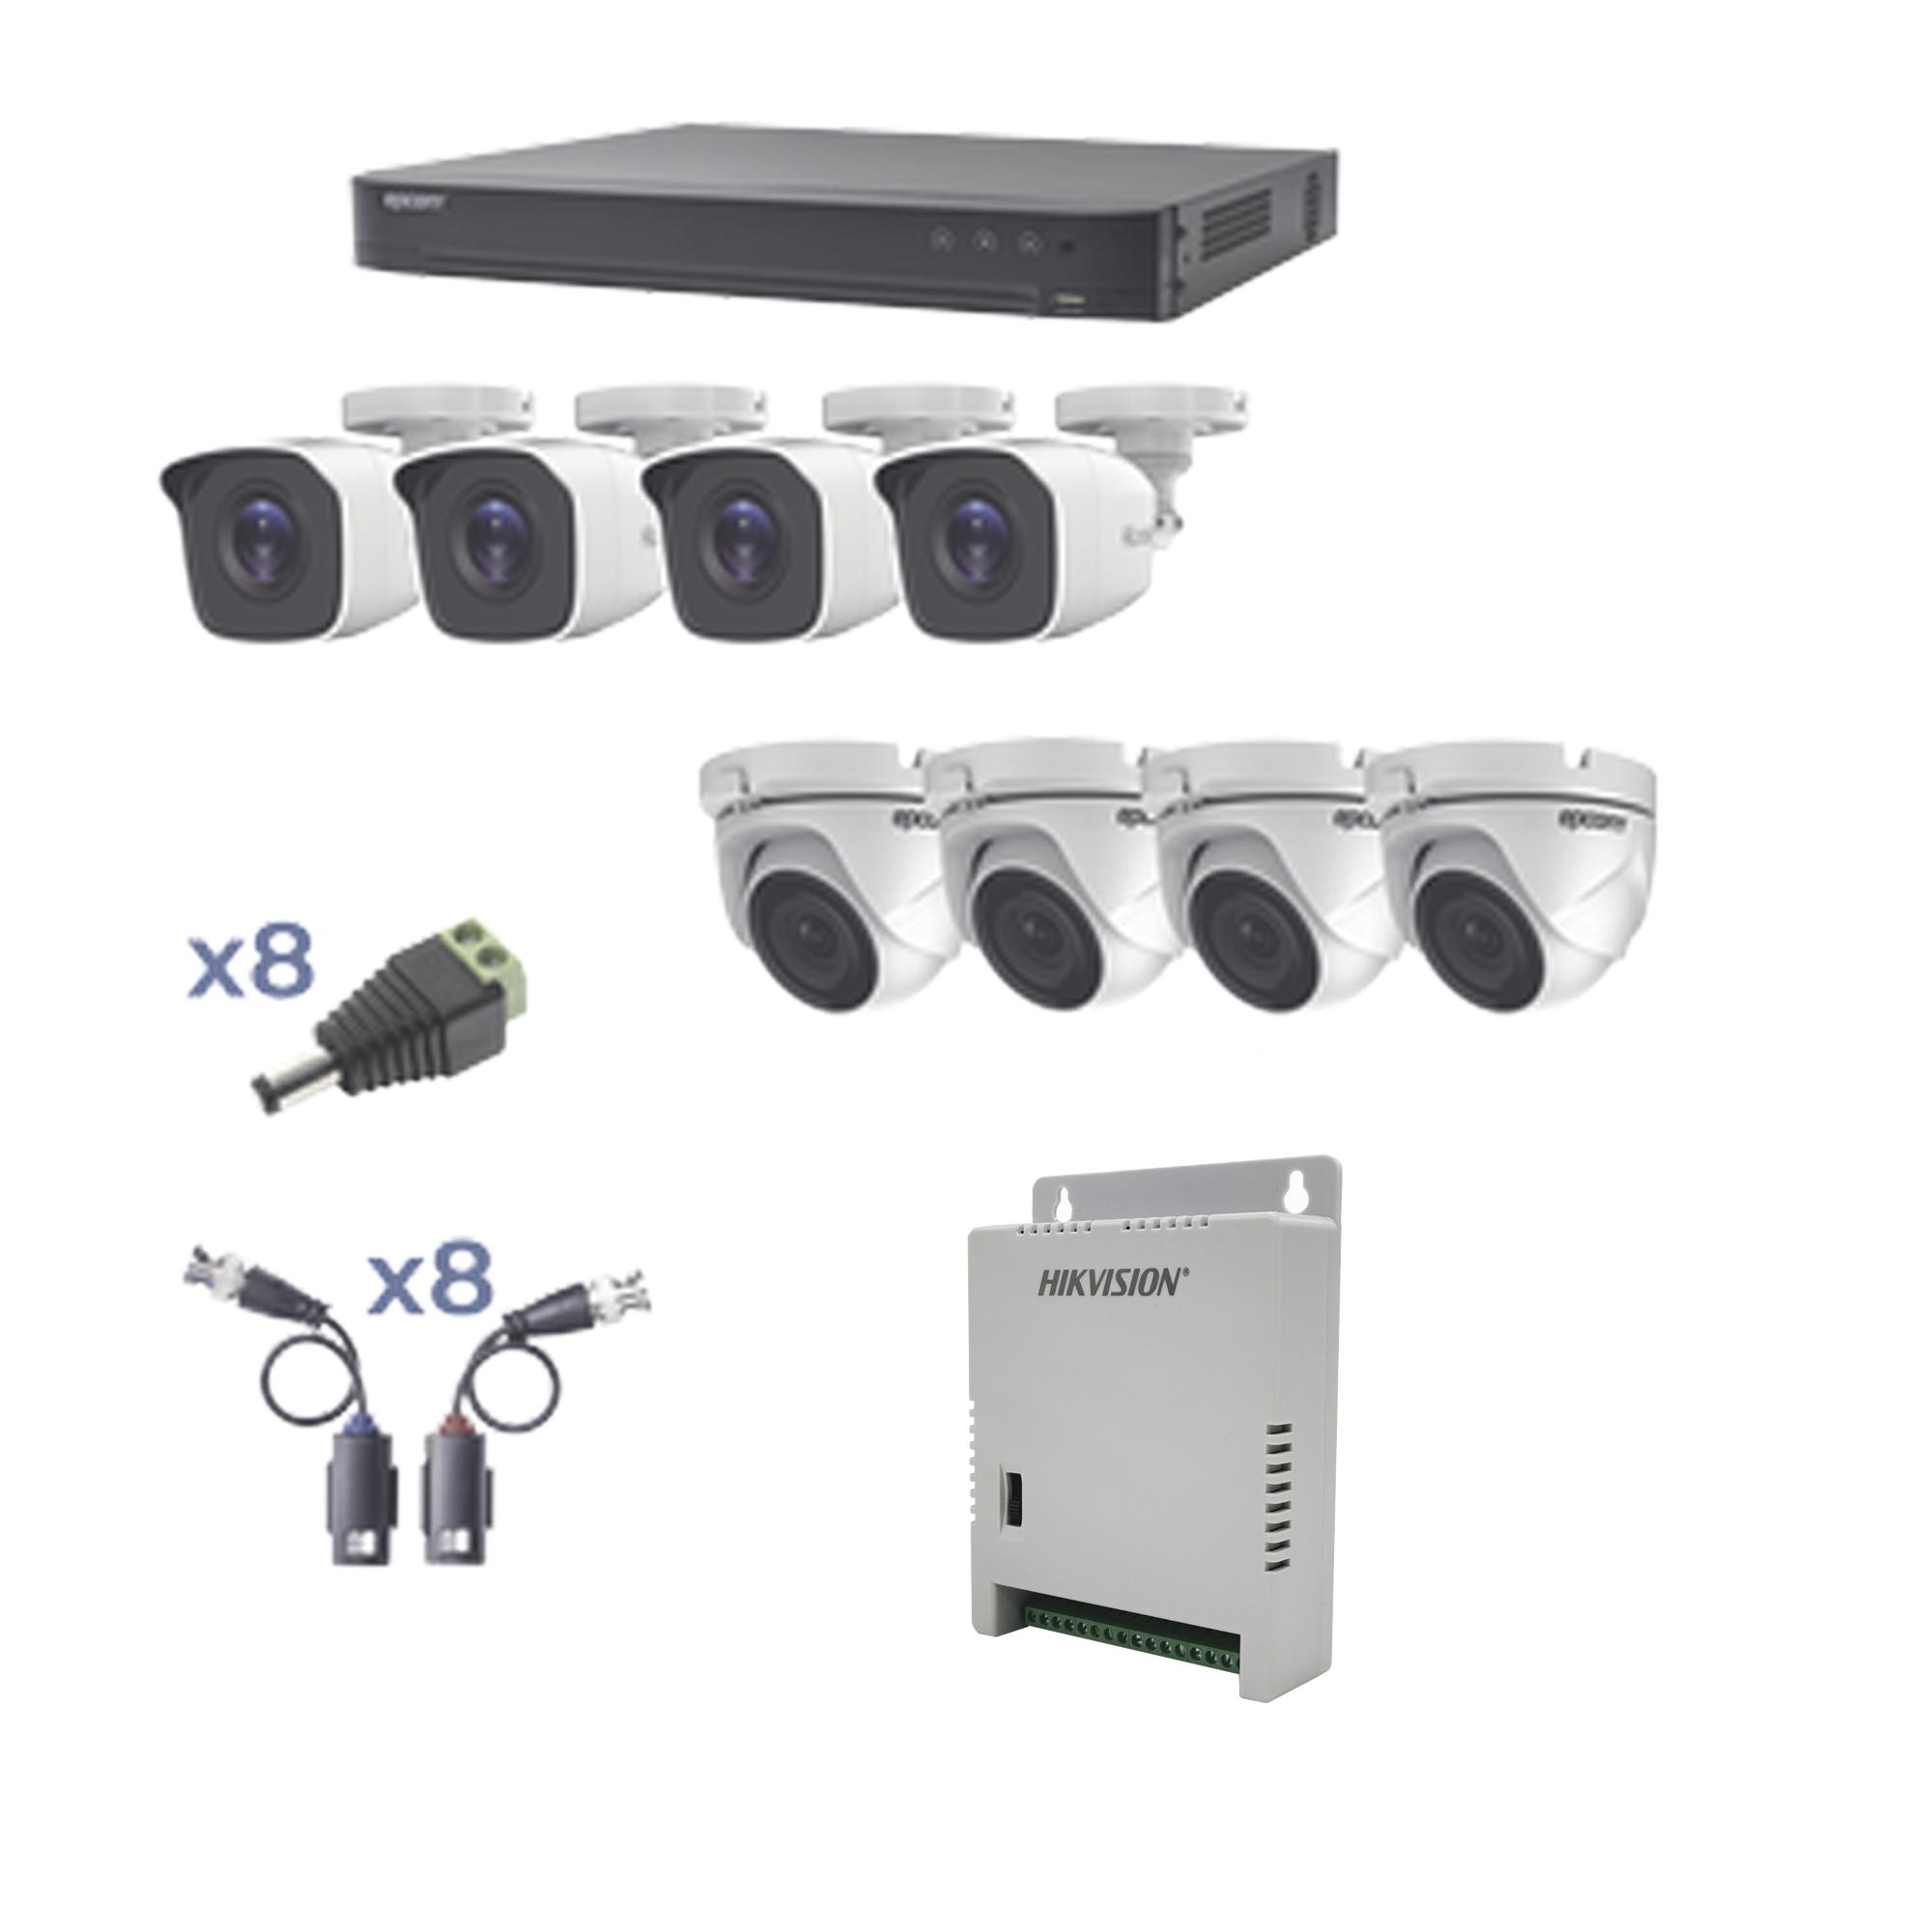 KIT TurboHD 1080p / DVR 8 Canales / 4 Cámaras Bala (exterior 2.8 mm) / 4 Cámaras Eyeball (exterior 2.8 mm) / Transceptores / Conectores / Fuente de Poder Profesional hasta 15 Vcd para Largas Distancias